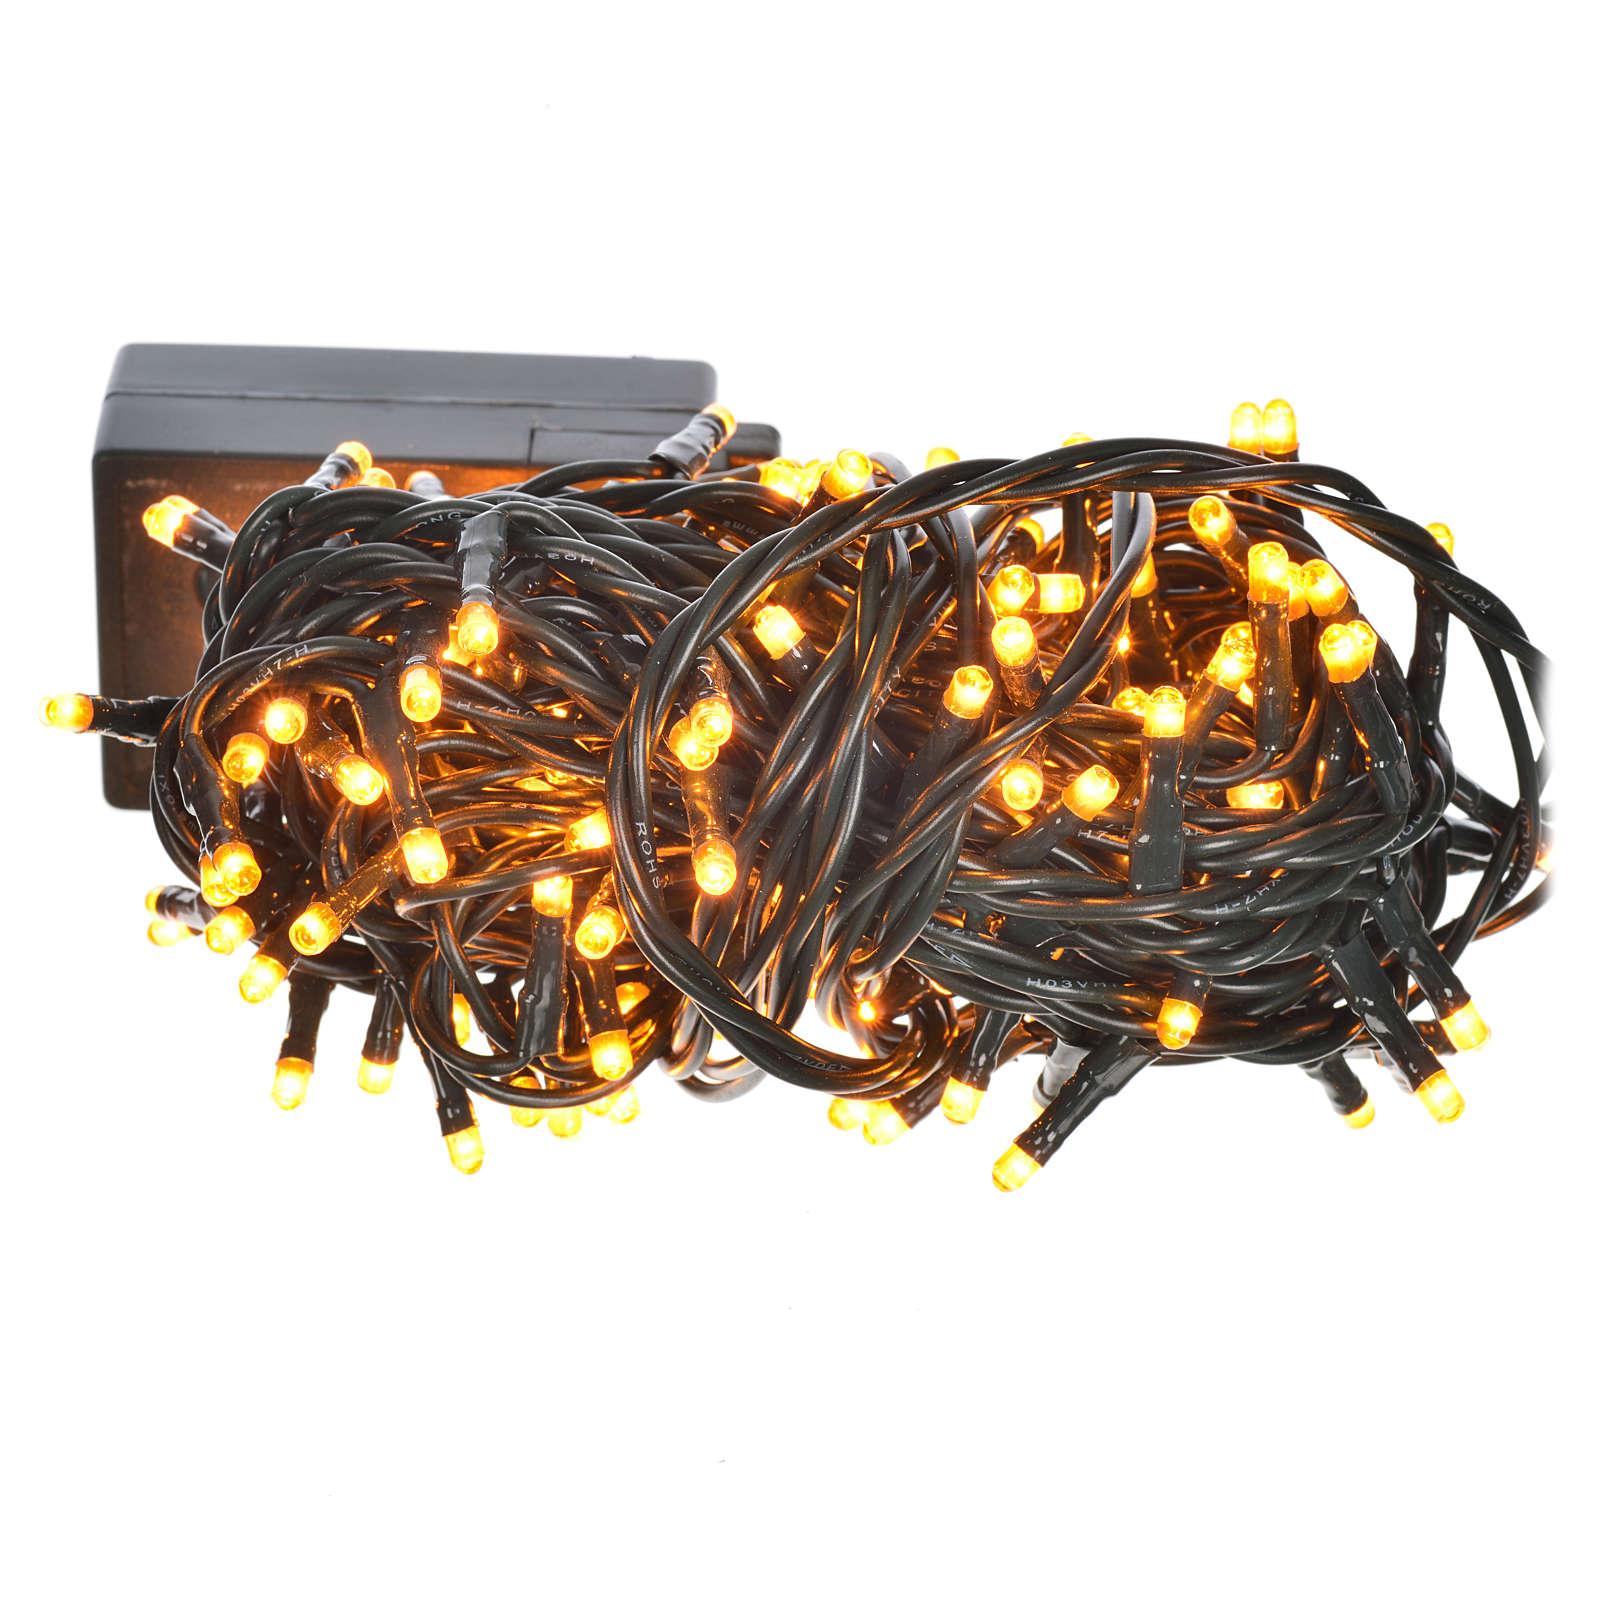 Luce natalizia minilucciole 180 col rame programmabili interni 3